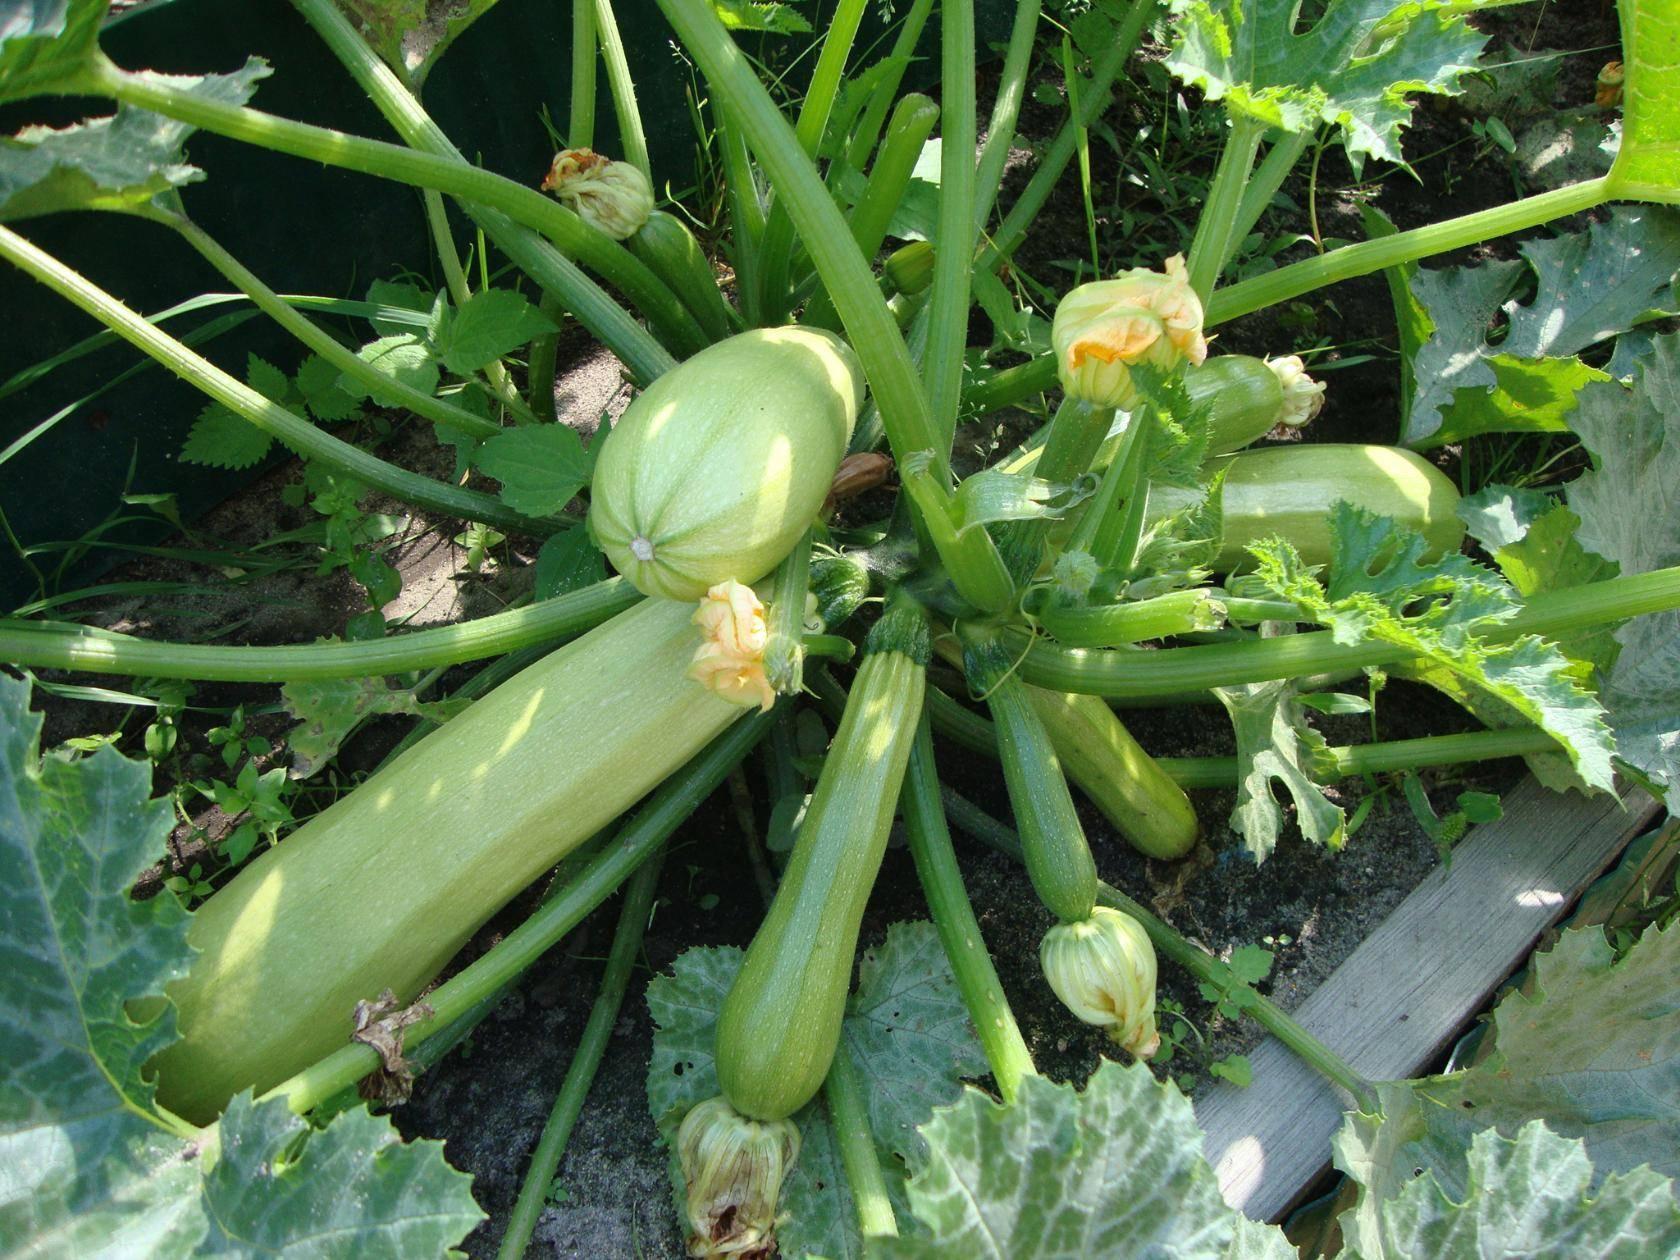 Лучшие сорта кабачков для посадки семенами в открытом грунте: в подмосковье и других регионах